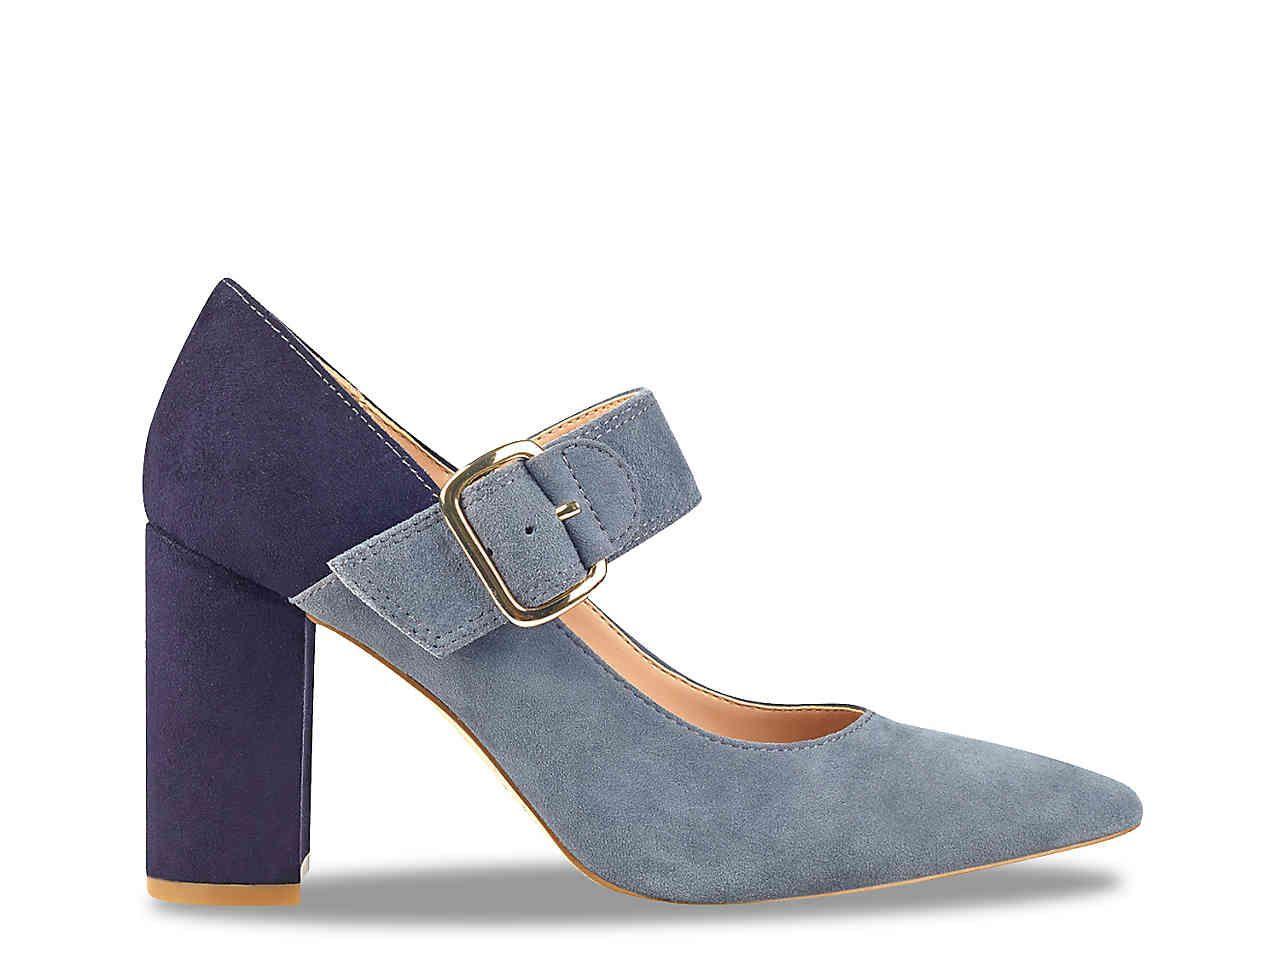 820e9c89e Tommy Hilfiger Venture Pump Women s Shoes